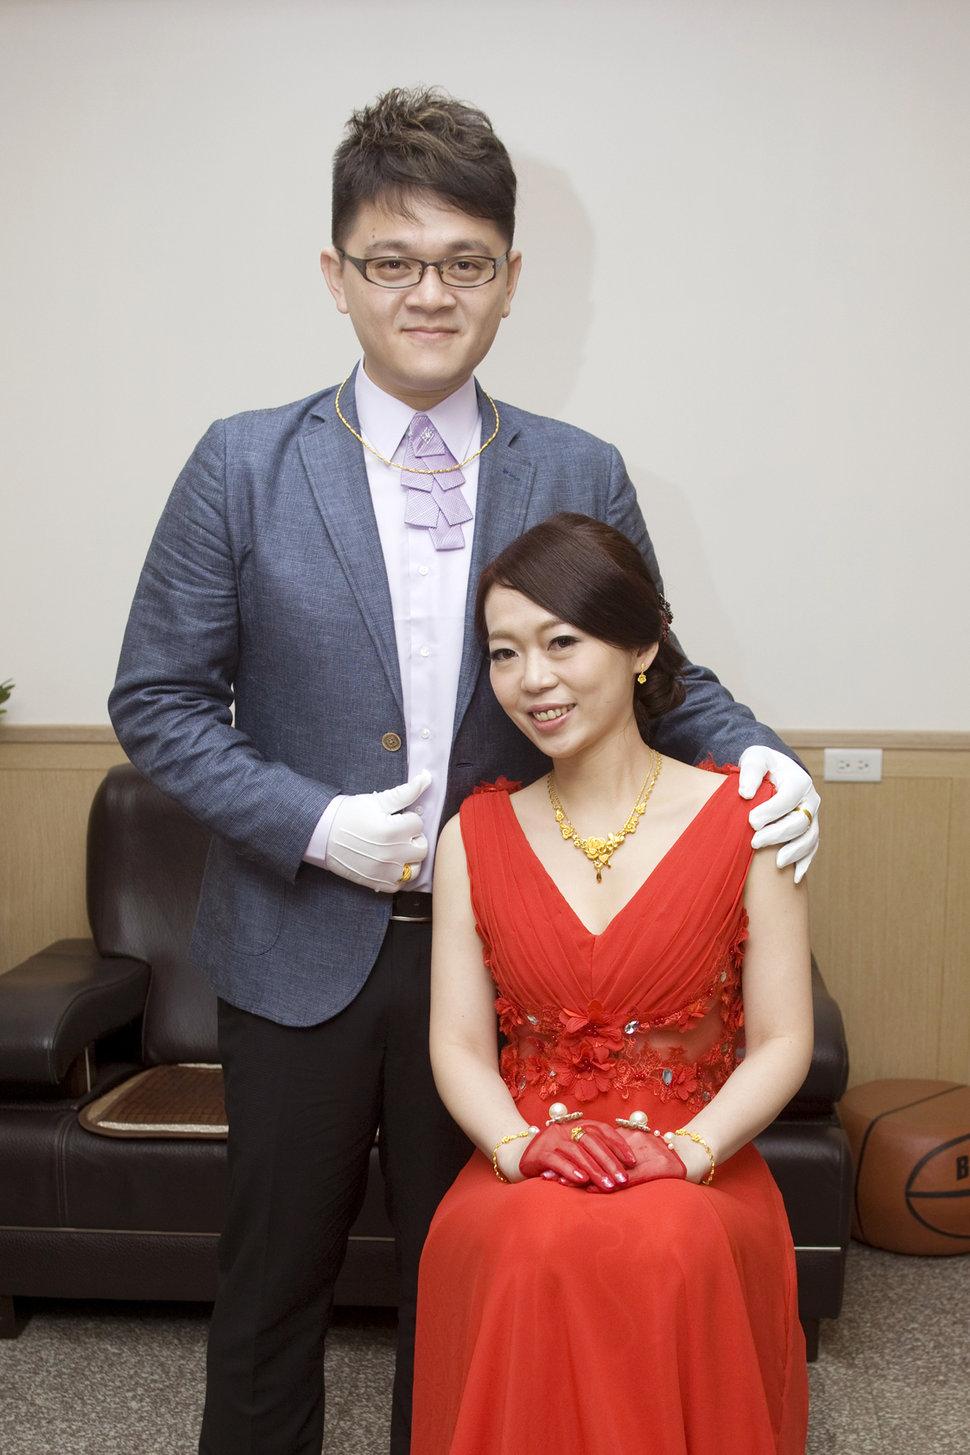 蓓麗宛婚禮時尚(編號:499431) - 蓓麗宛婚禮時尚《結婚吧》